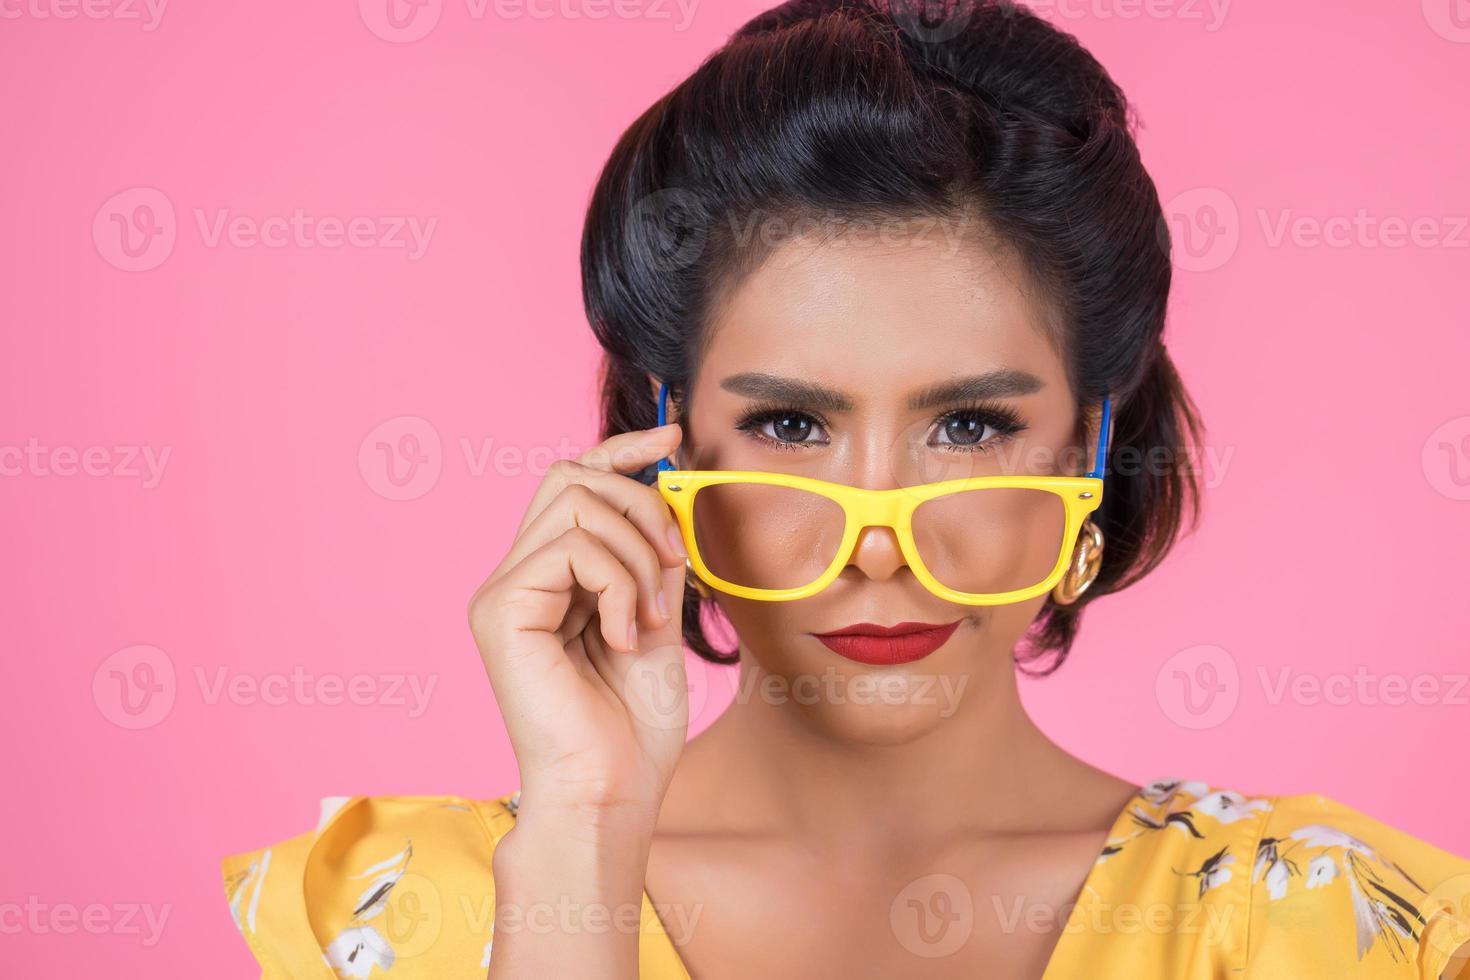 ritratto di donna alla moda con occhiali da sole foto